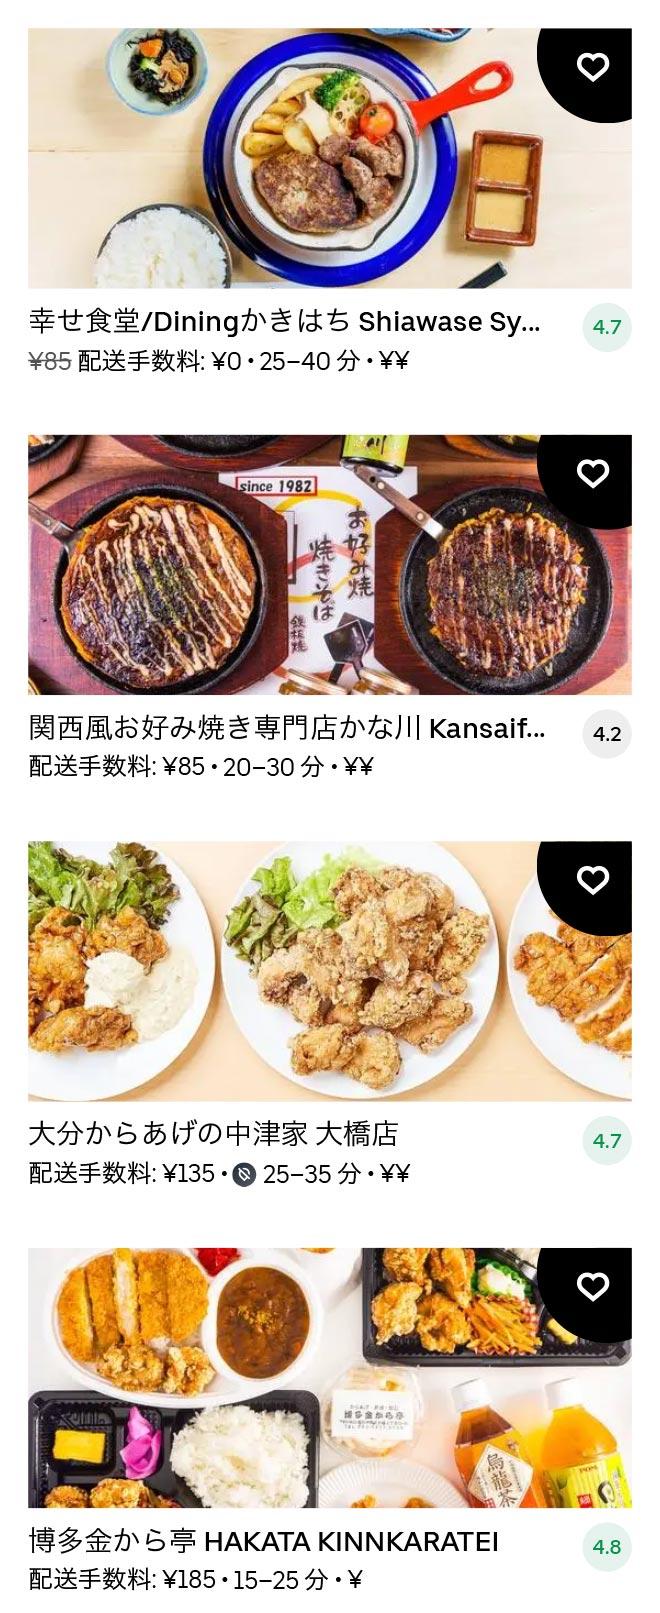 Oohashi menu 2101 12